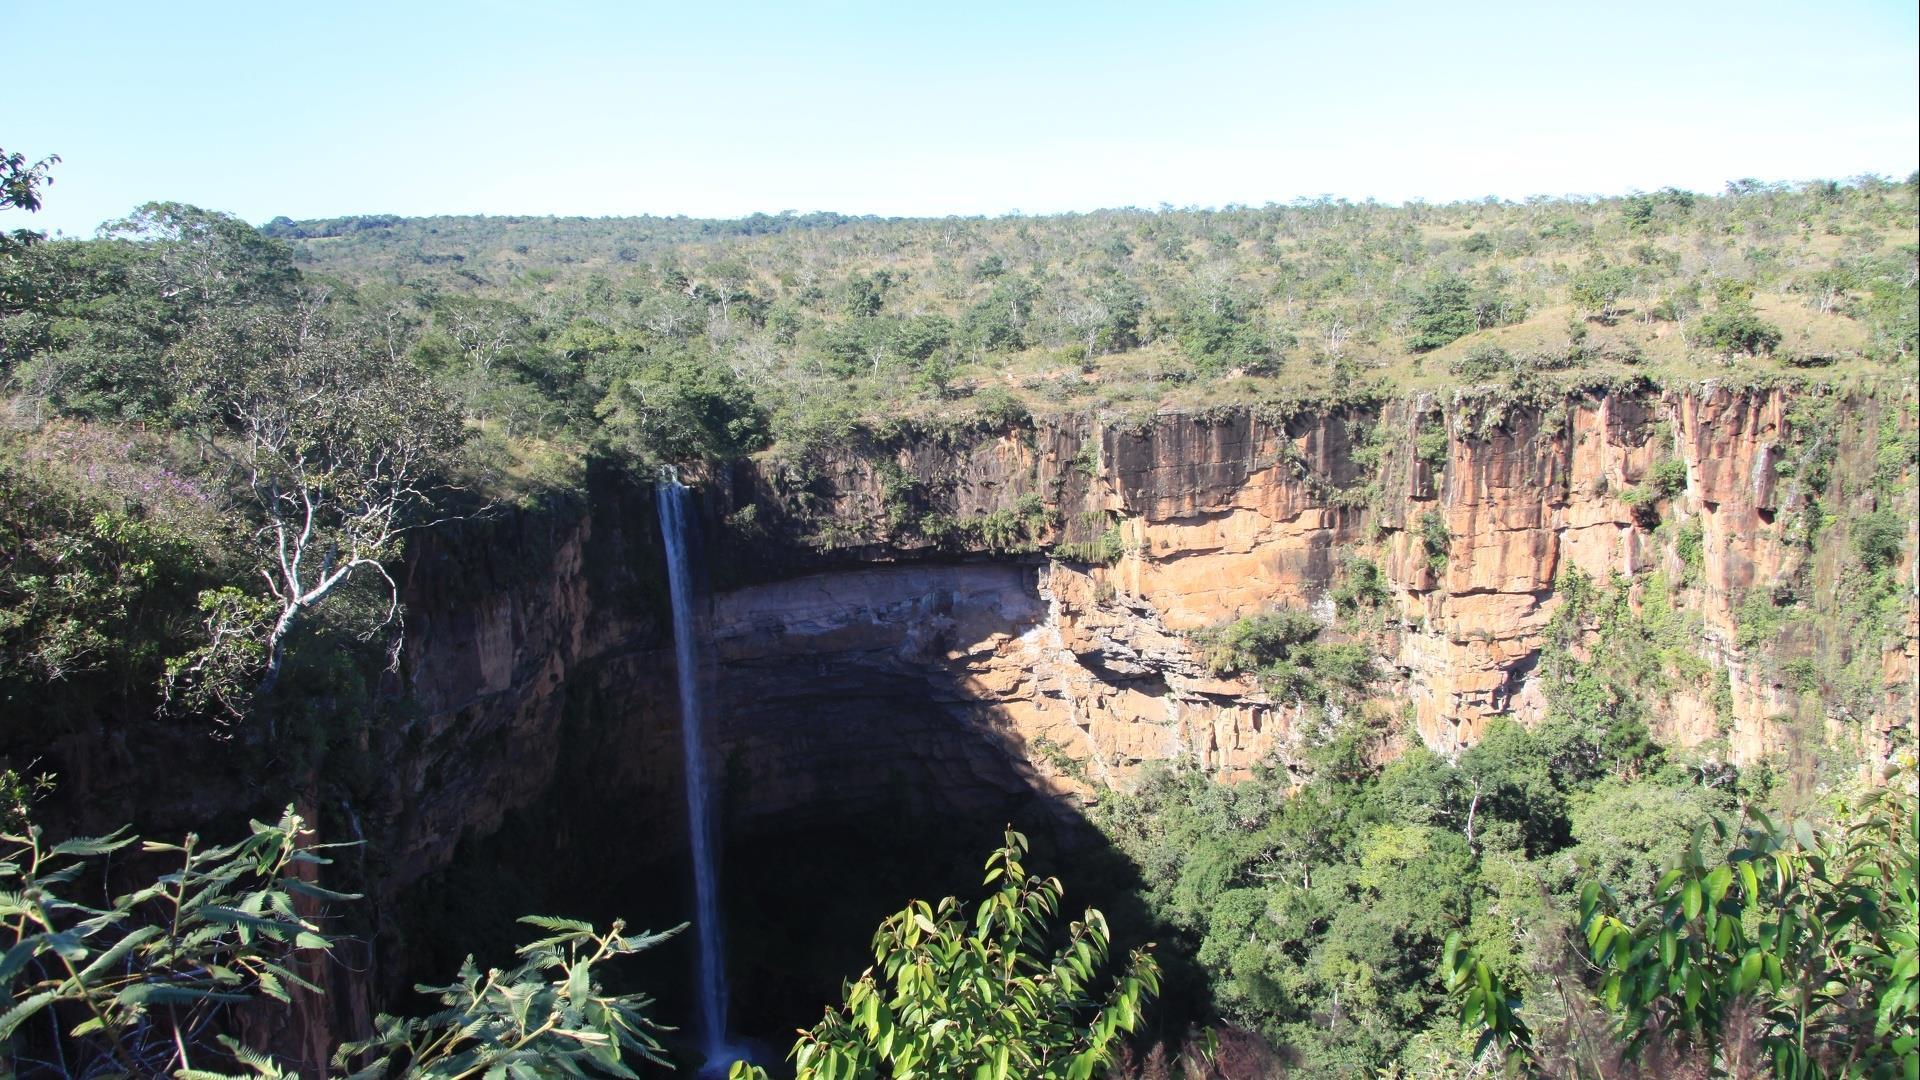 3 Tage Reisebaustein - Chapada dos Guimaraes und Bom Jardim naturnah erleben